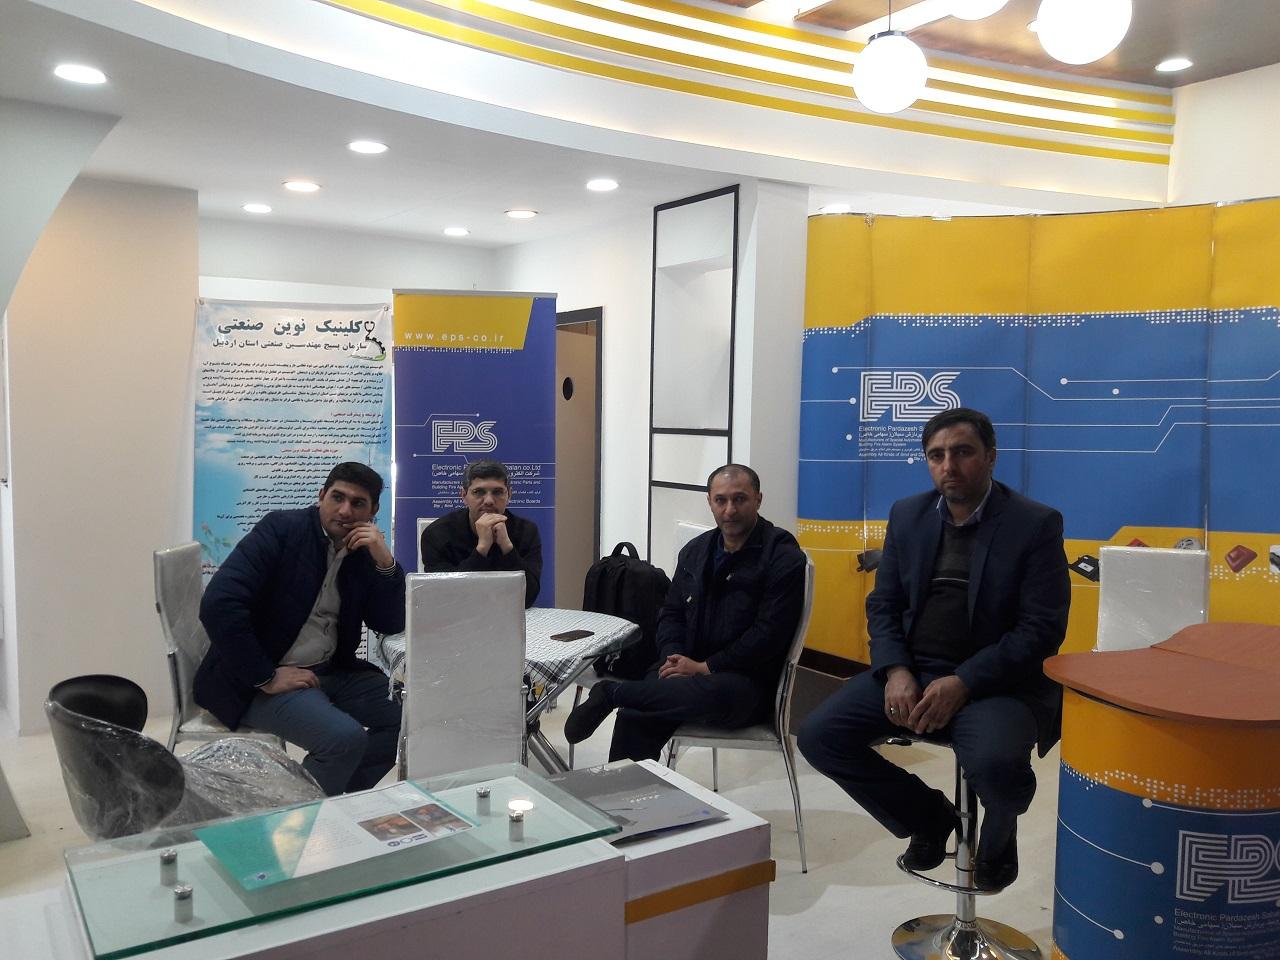 نمایشگاه سرآمدان صنعت